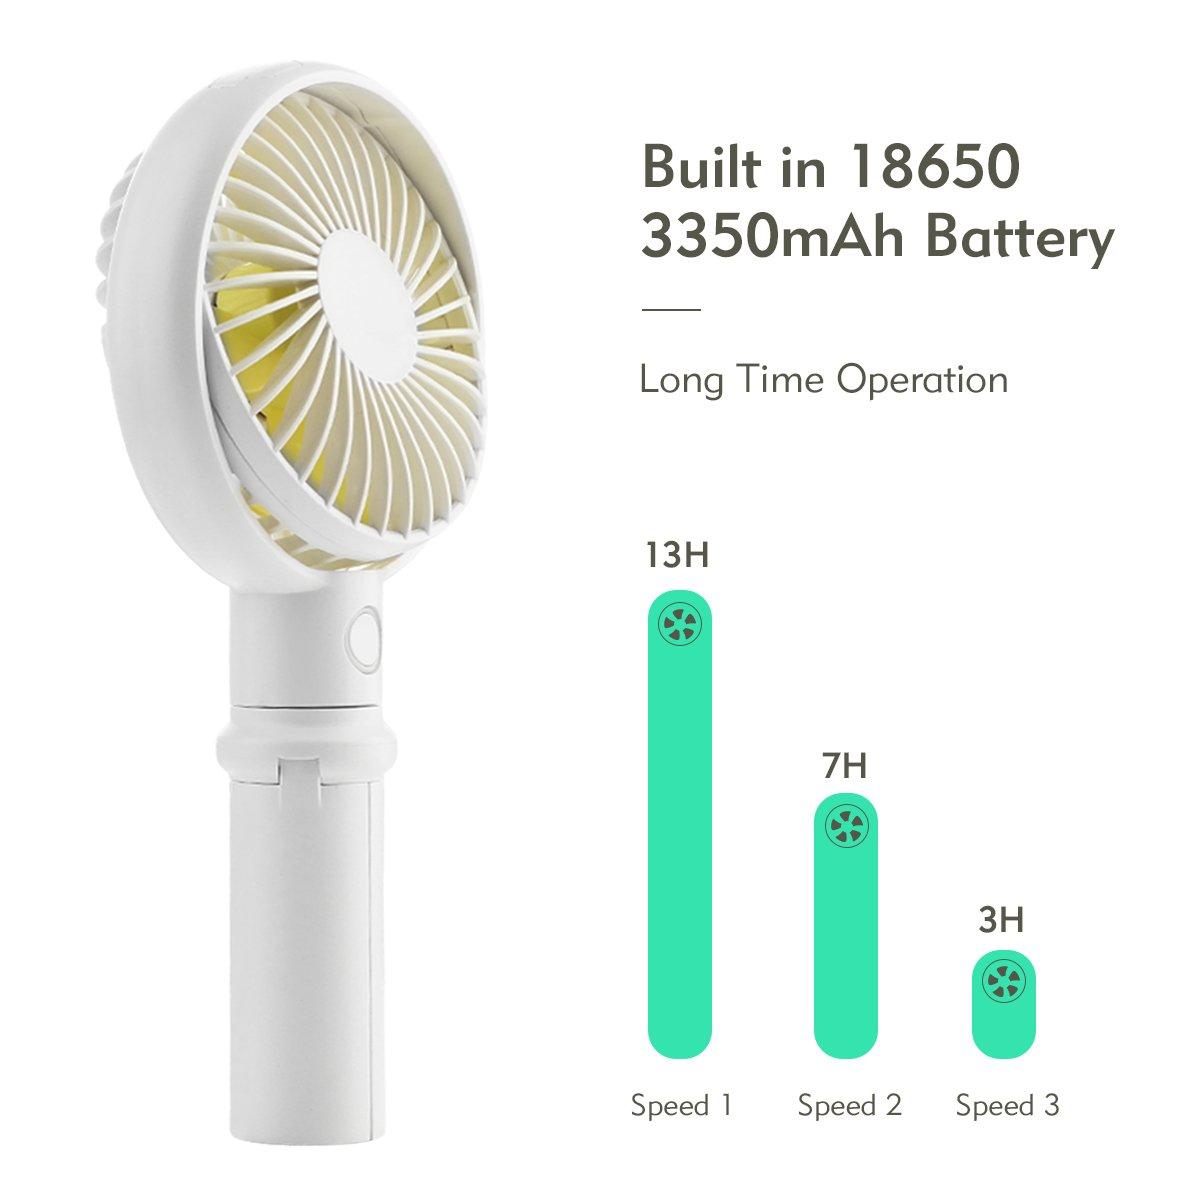 Ventilador Port/átil USB con 3350 mAh LG Bater/ía 3 Niveles de Velocidad Ajustables Tiempo de Trabajo 2-7H para Oficina//Hogar//Playa//Camping//Coche Blanco BENKS Mini Ventiladores de Mano